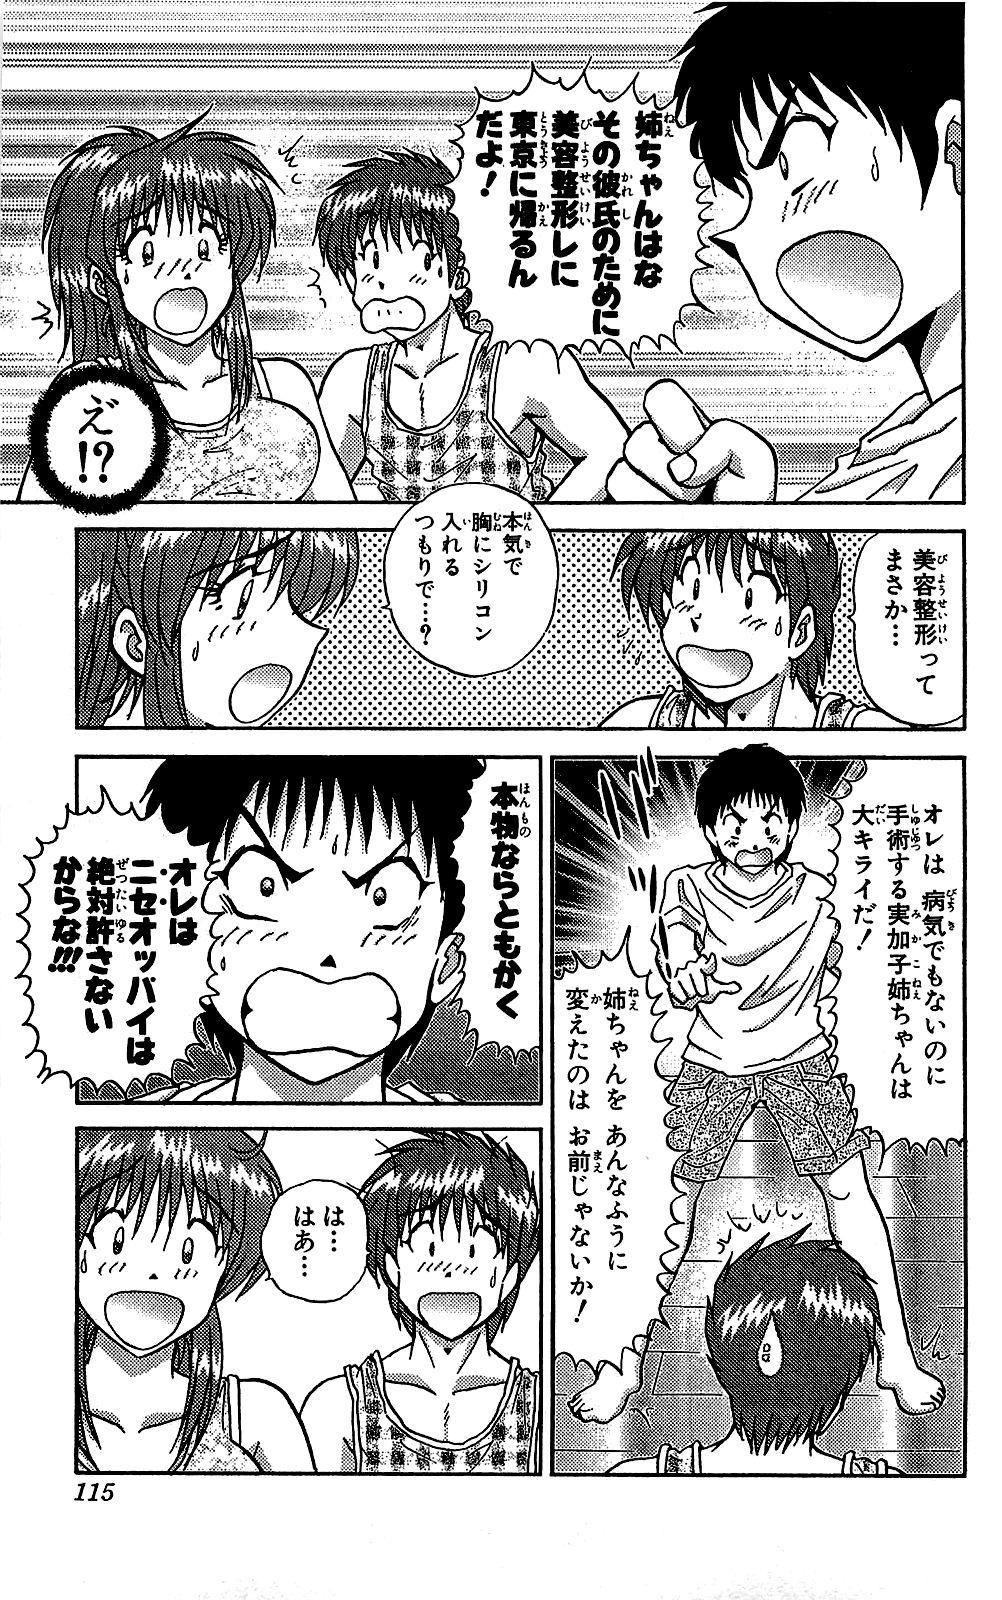 Miracle Make Yuuji 115